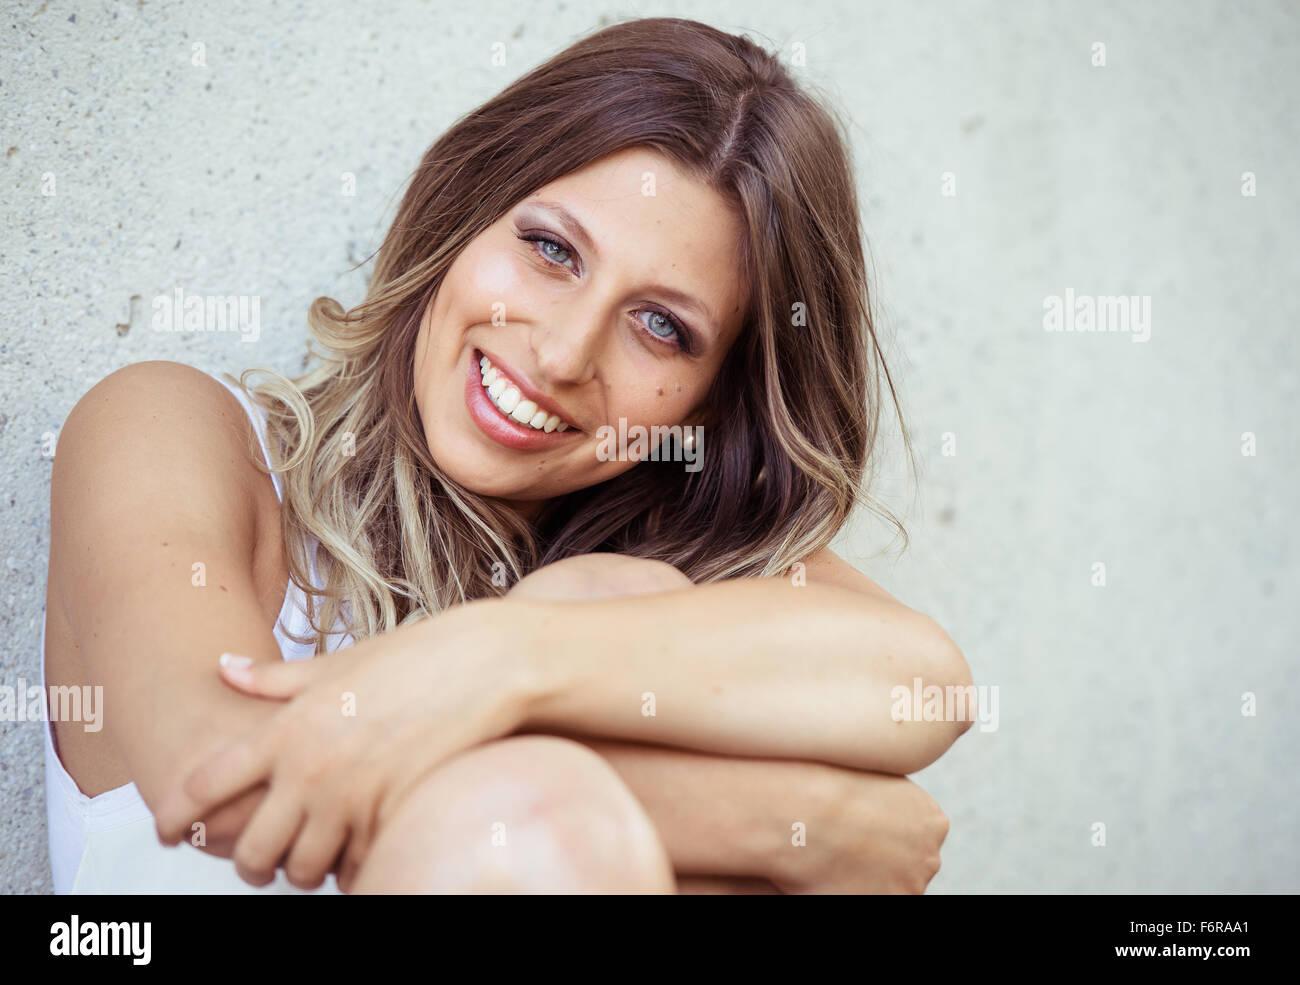 Mujer joven, guapo, sonriente, con el pelo largo y ojos azules, Retrato Imagen De Stock